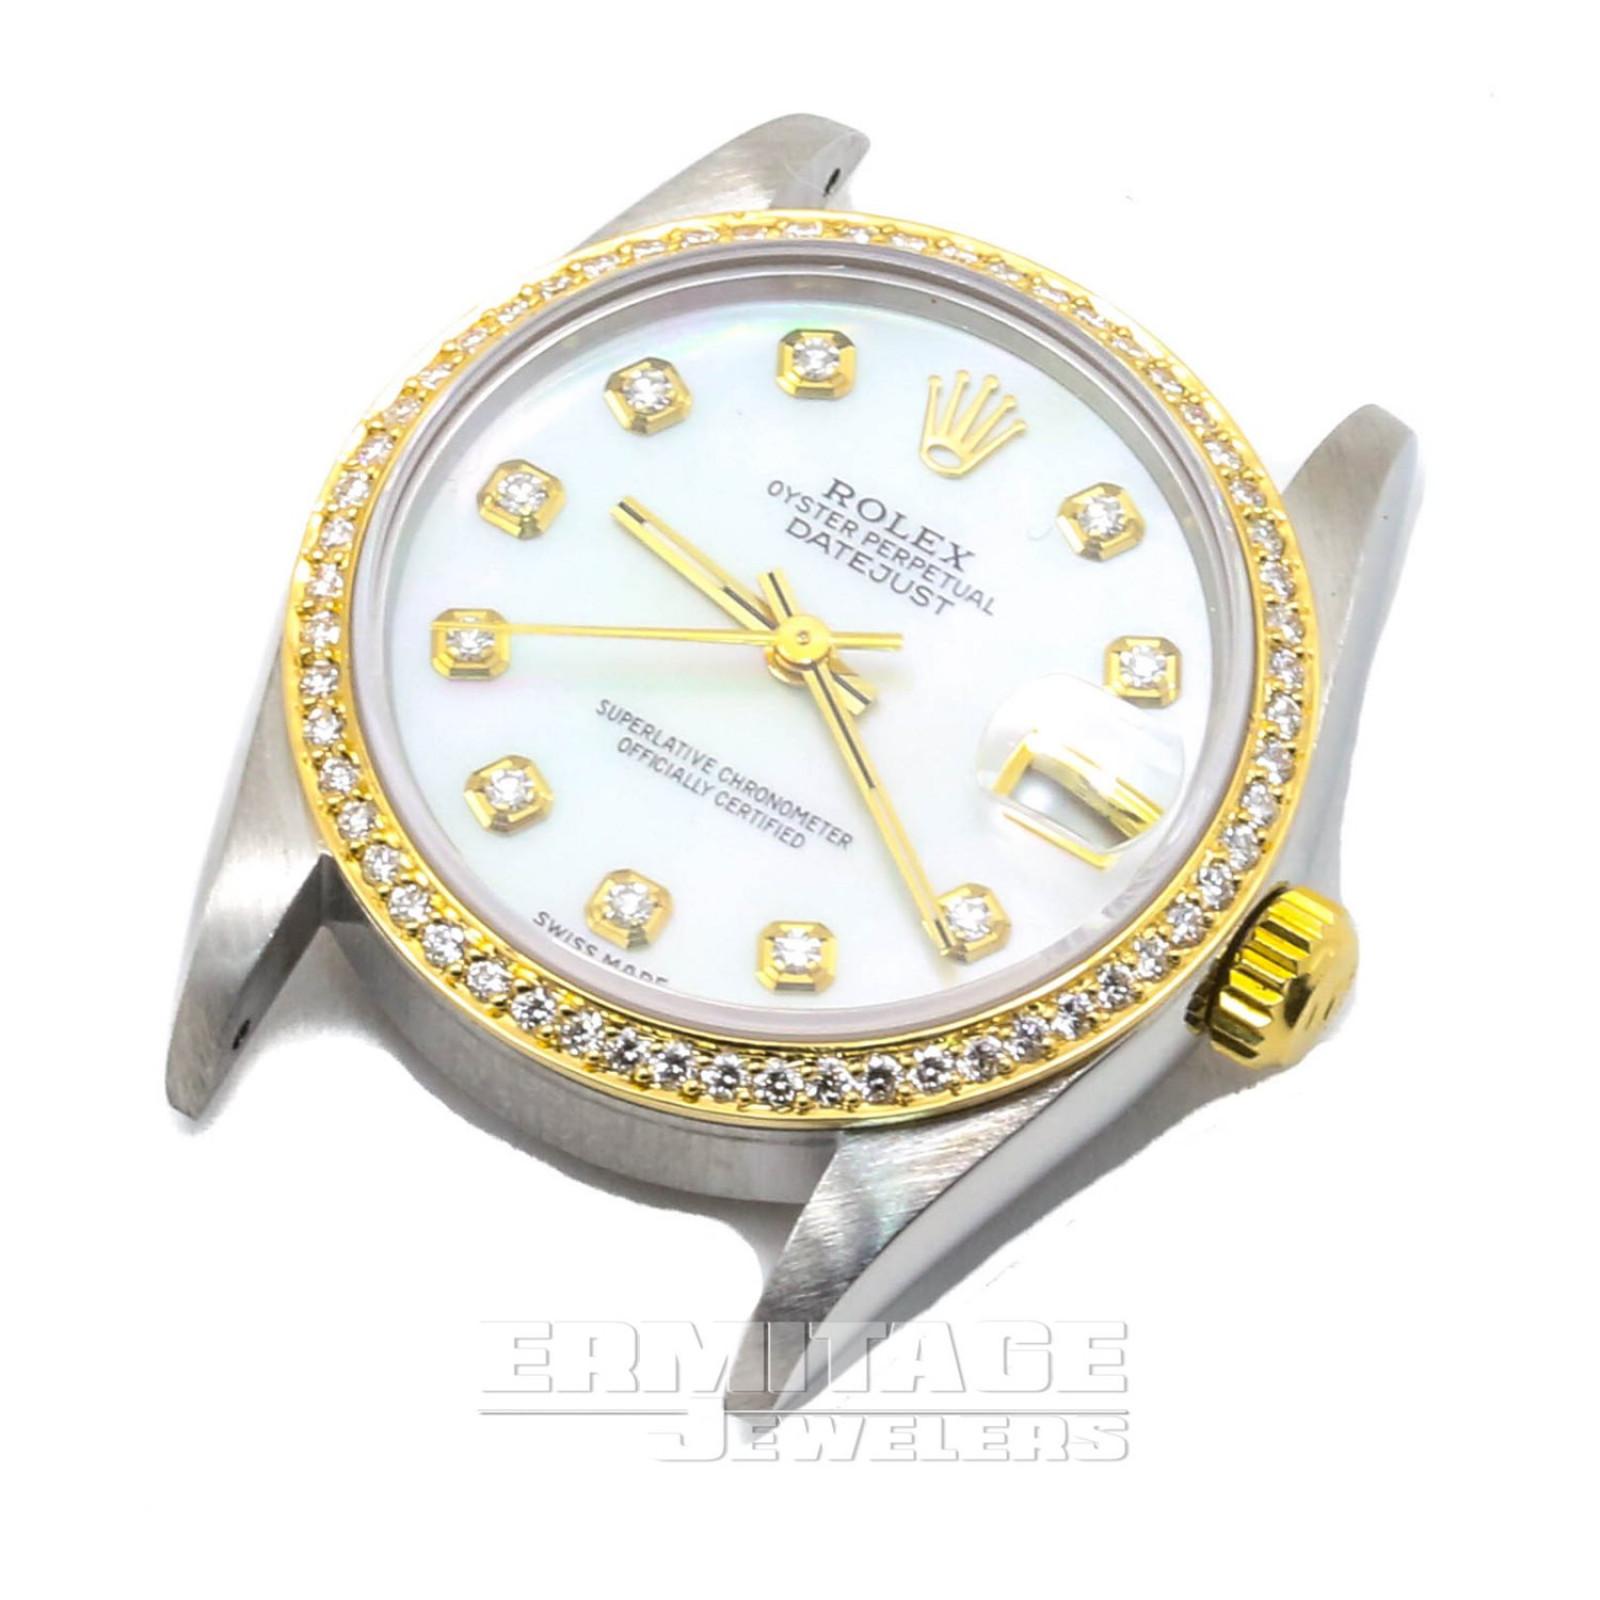 Rolex Mid-Size Ladies Watch 68273 5246